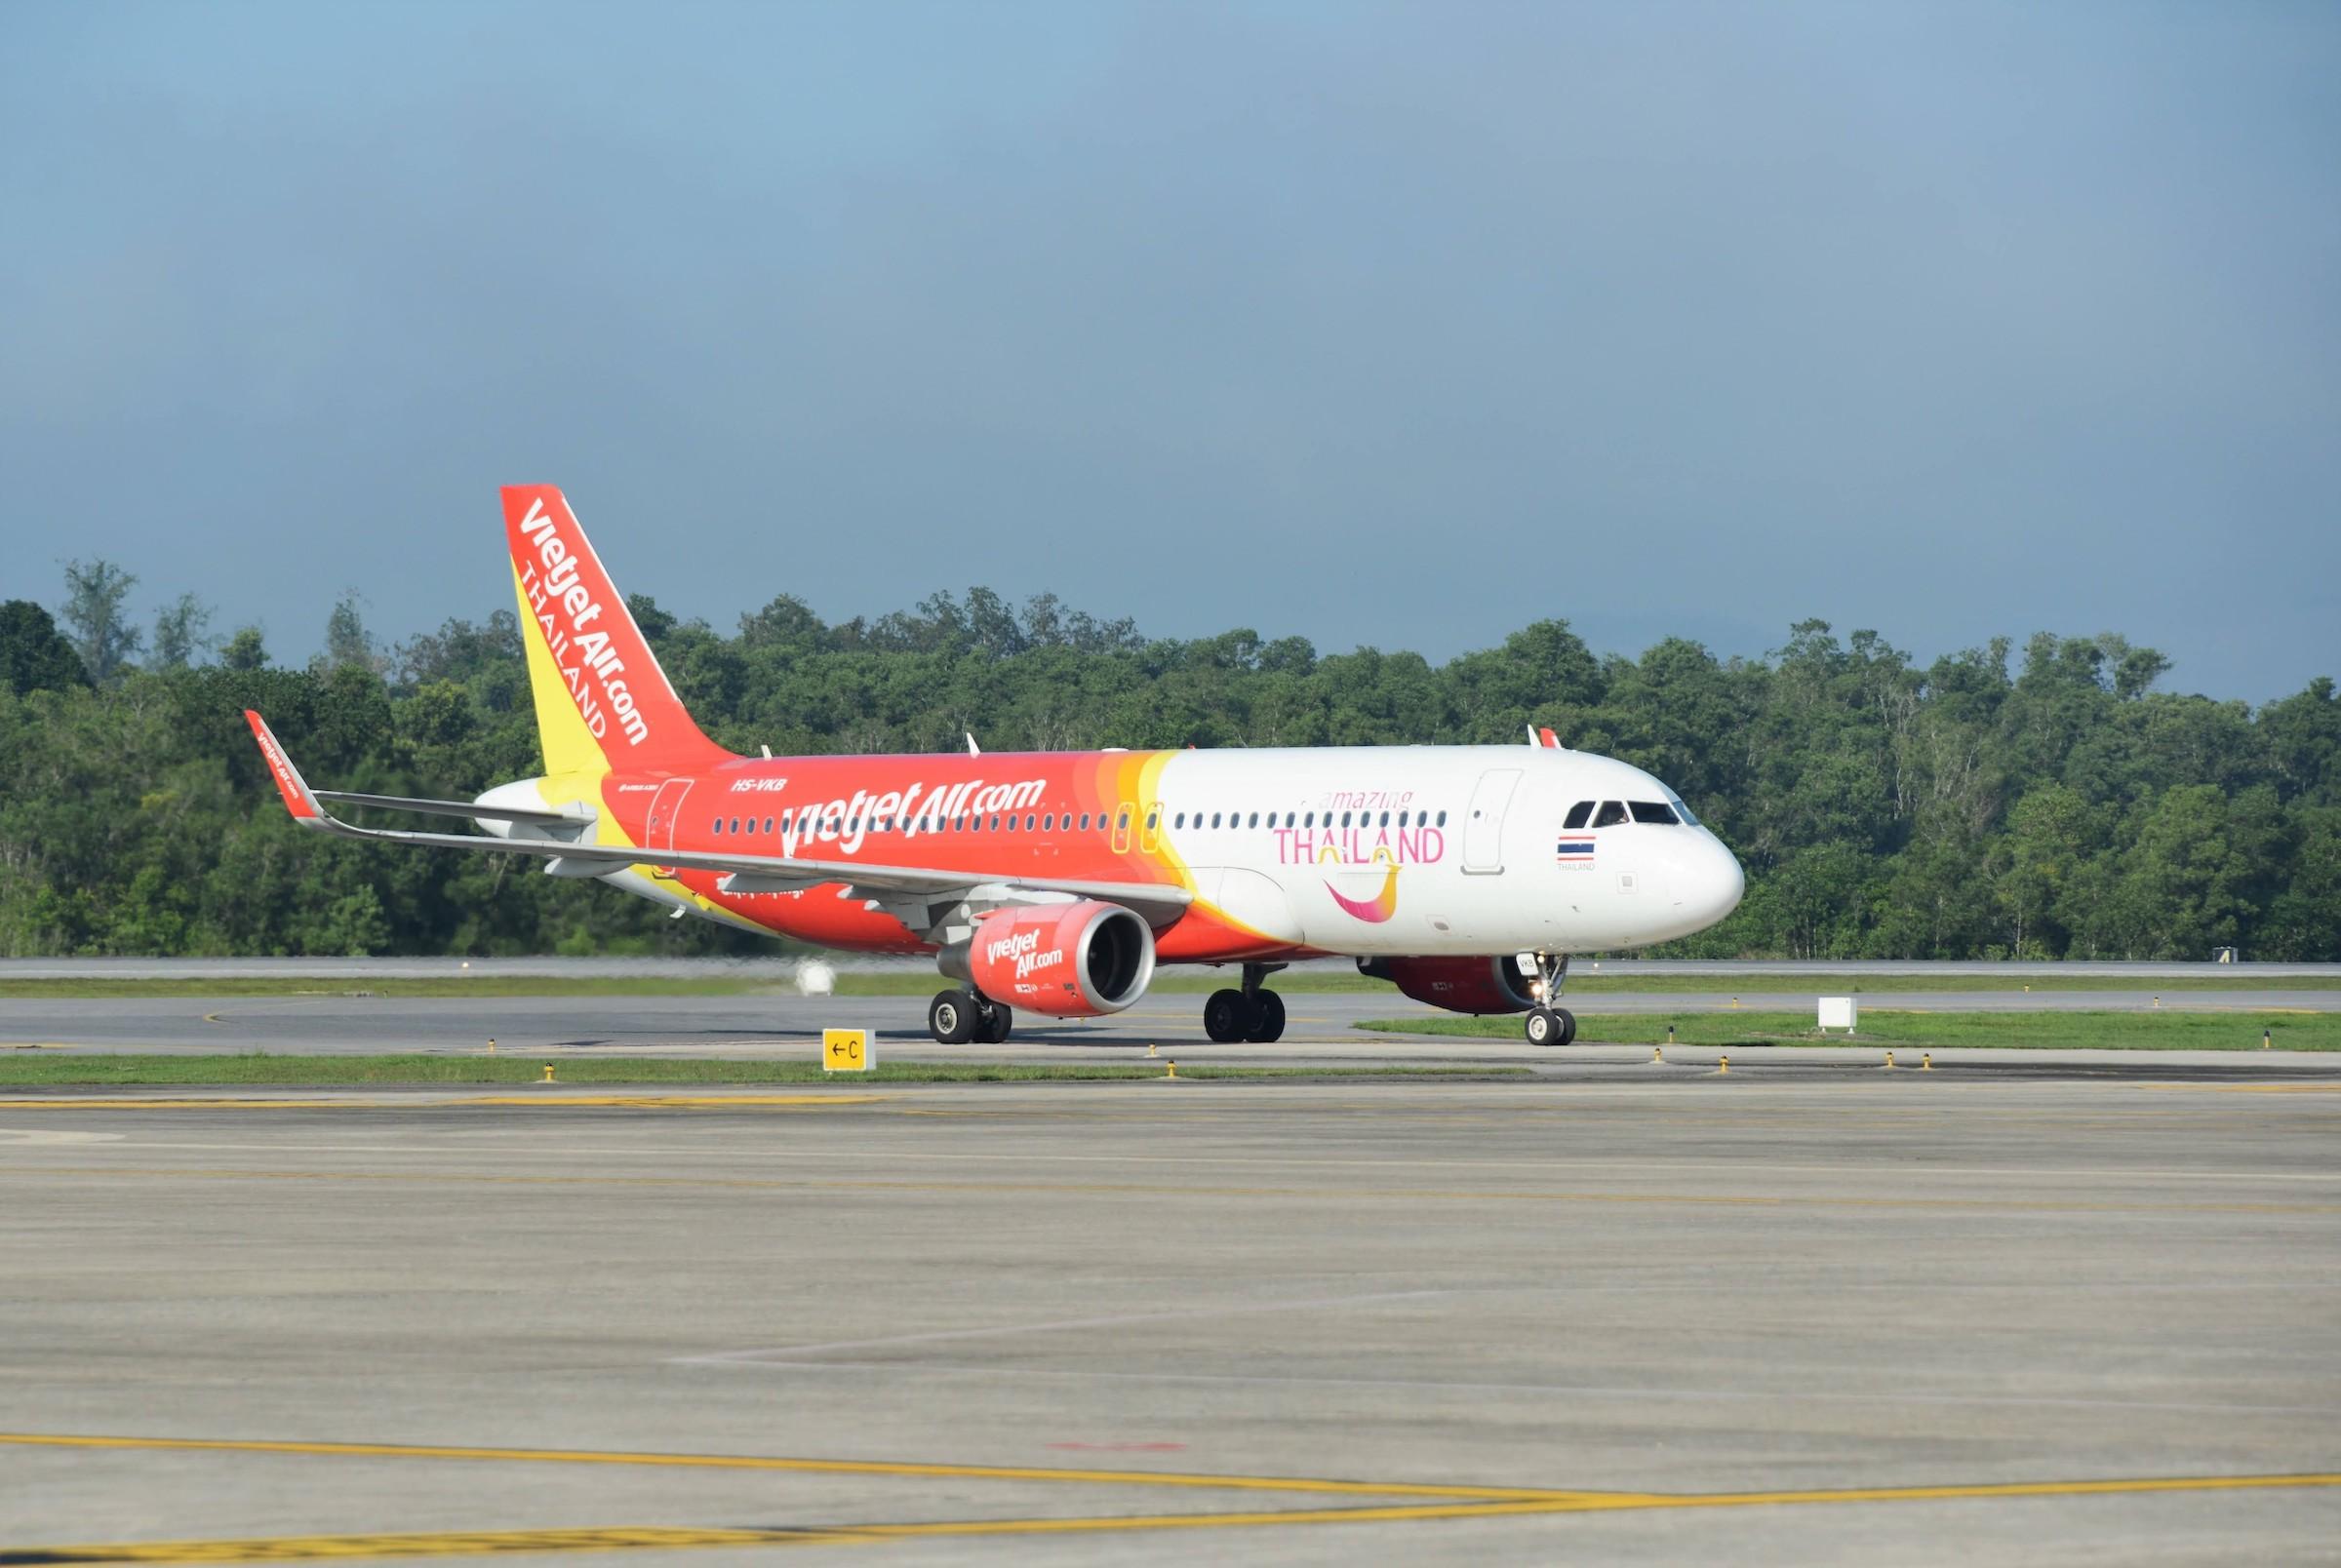 Tàu bay Vietjet Thái Lan cùng biểu tượng Du lịch Thái Lan trên đường băng sân bay Suvarnabhumi, Bangkok. Ảnh: Vietjet Thái Lan.